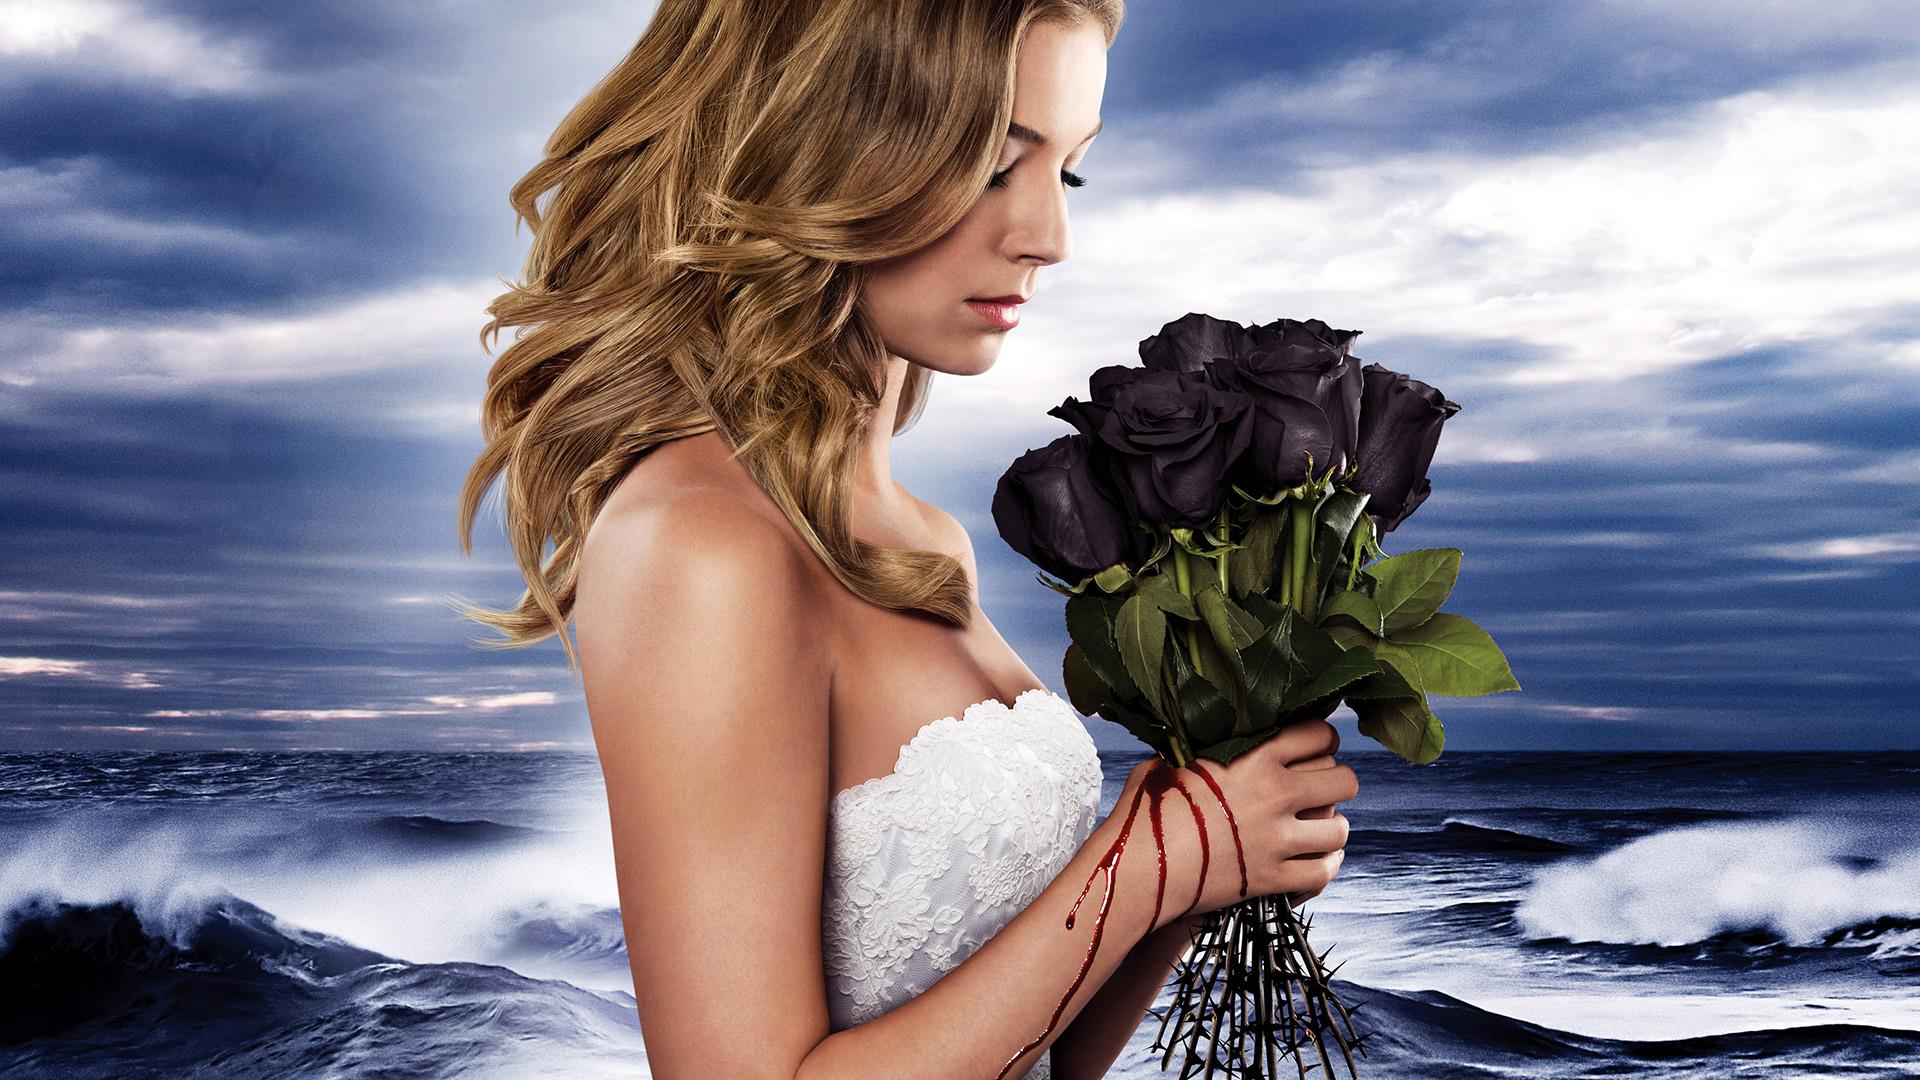 Wallpaper Revenge TV show, roses, actress